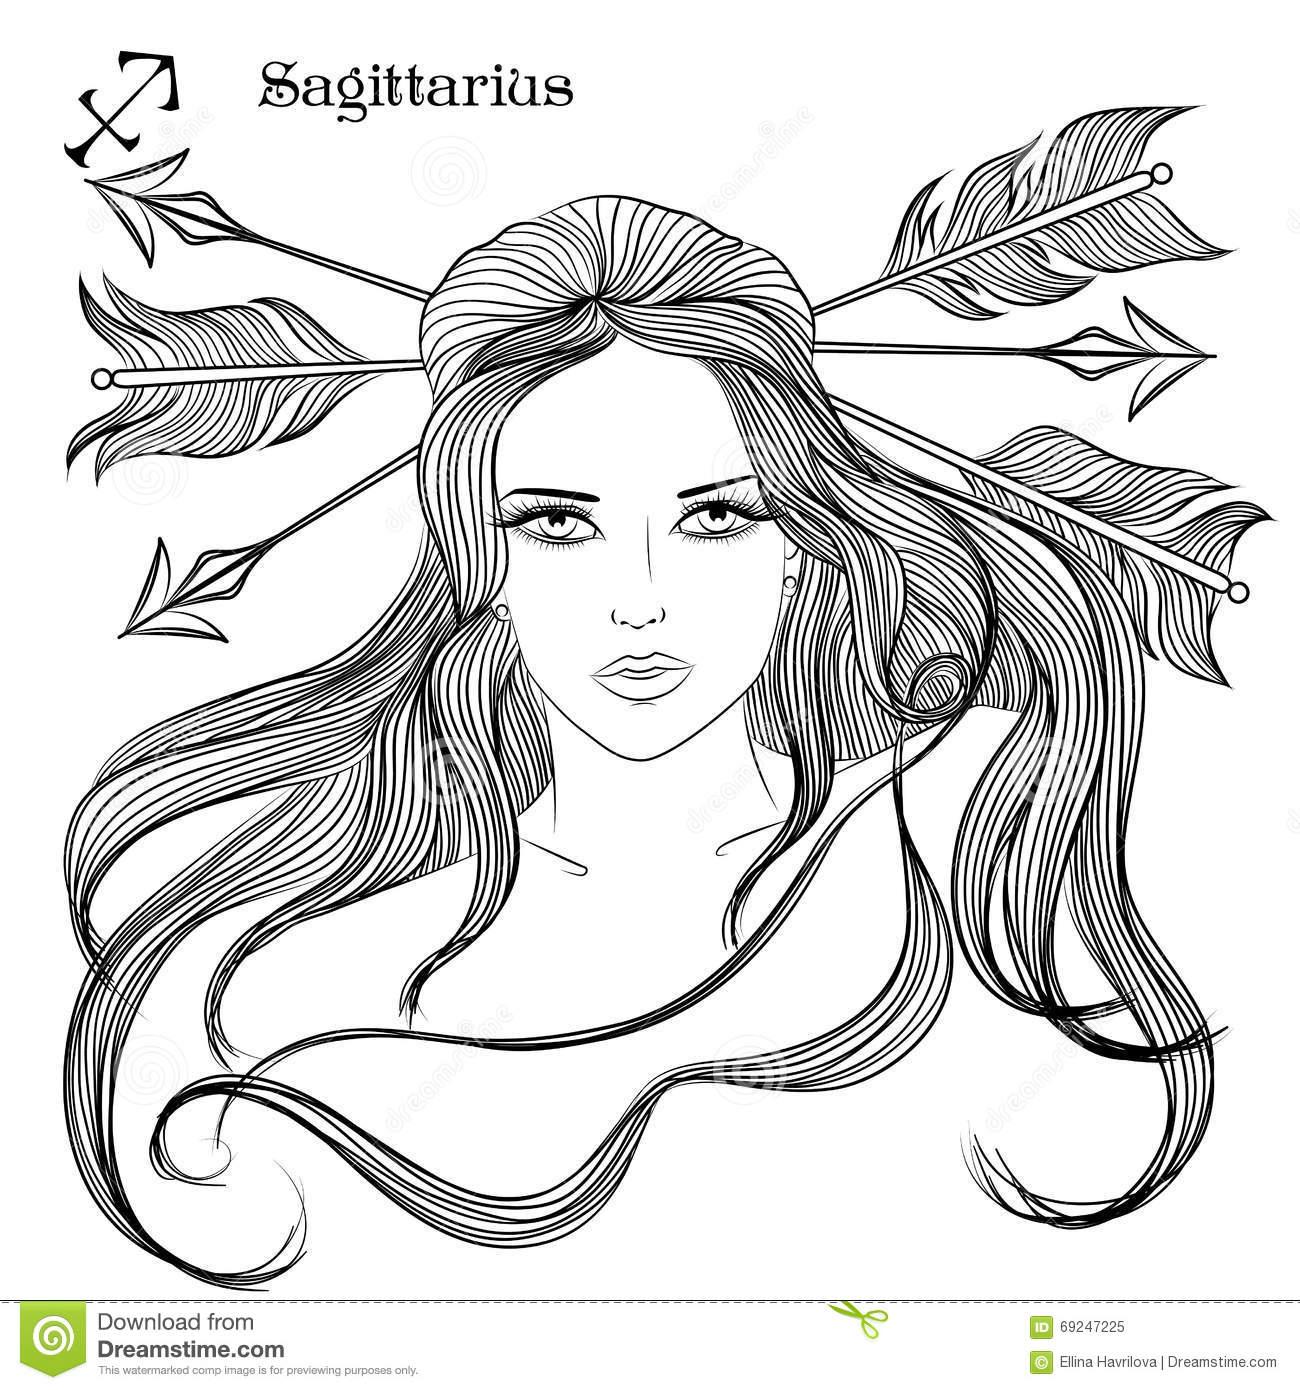 Sagittarius (Astrology) coloring #7, Download drawings